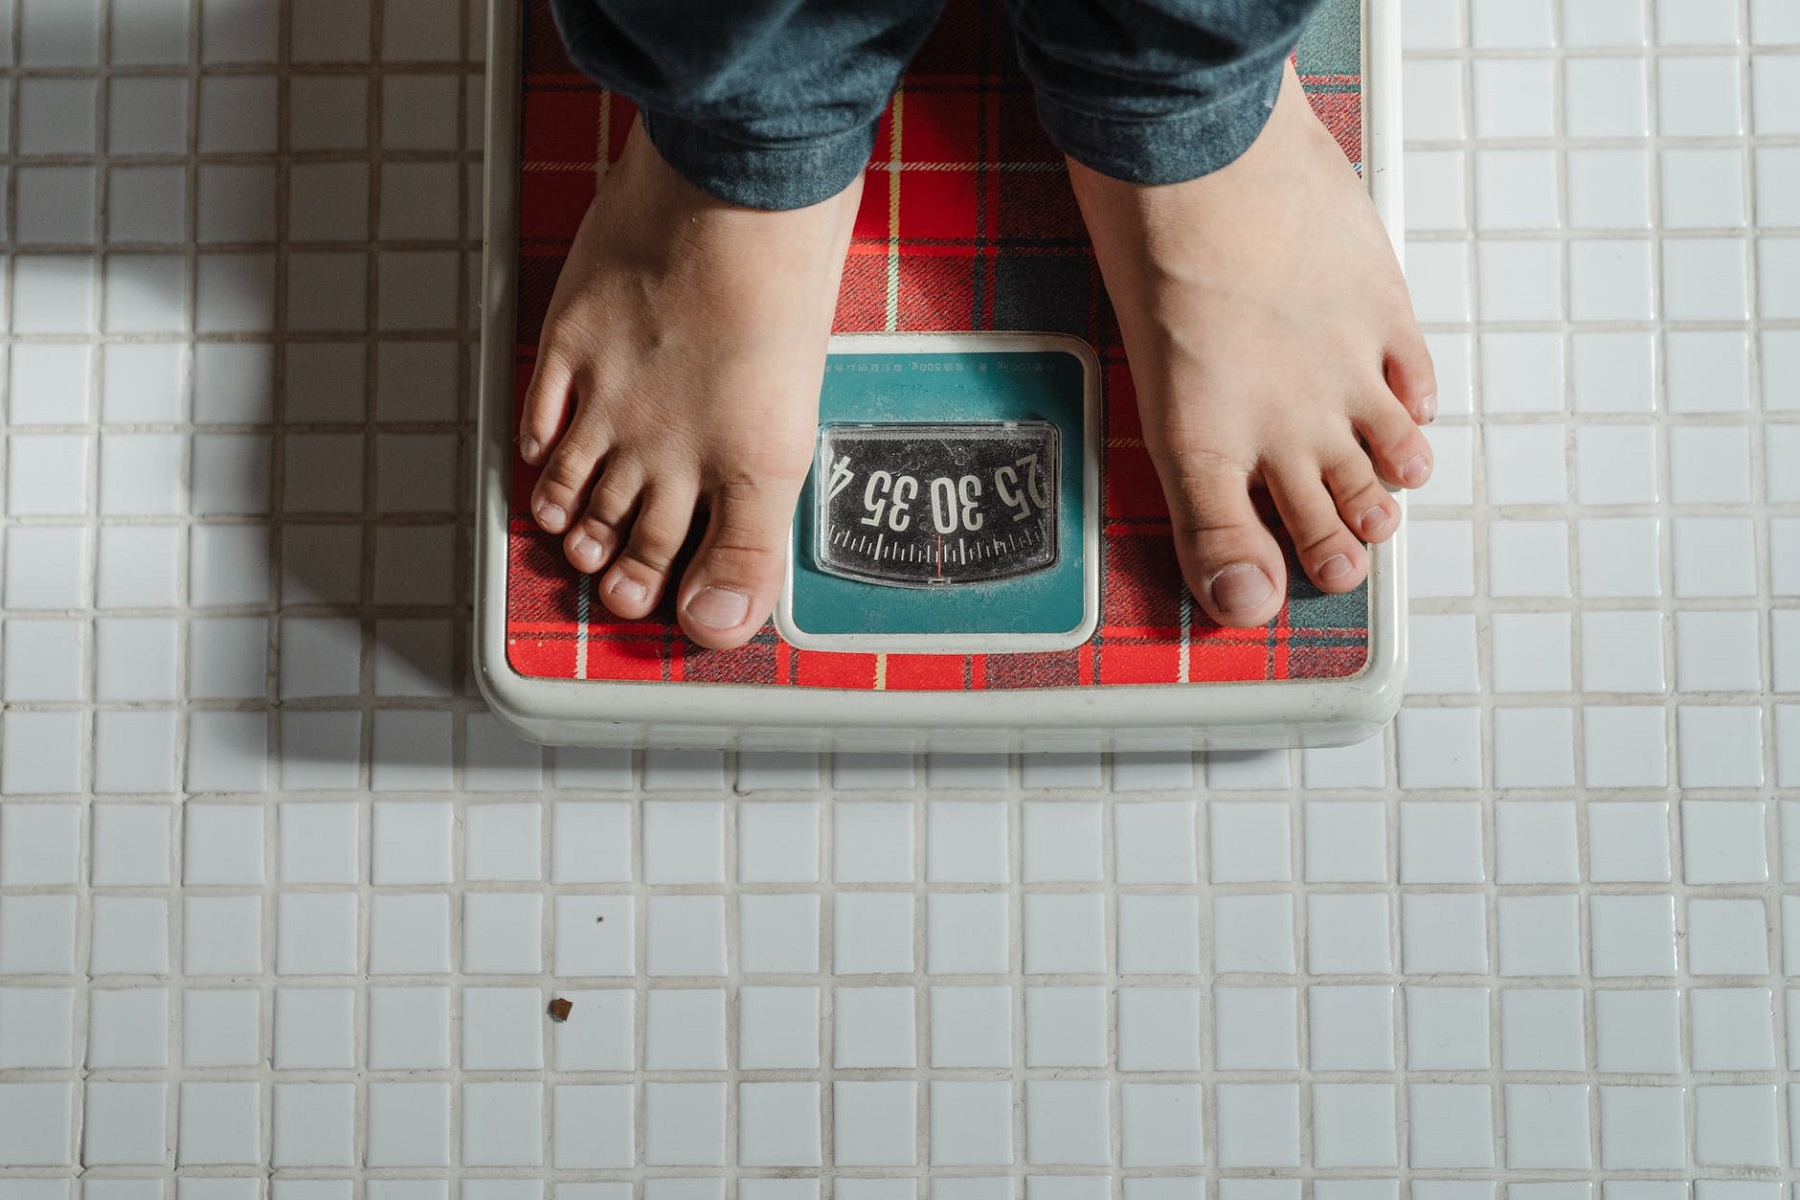 Βάρος Σώμα: Όταν η απώλεια κιλών μάς φαίνεται ανεξήγητη – Τι μπορεί να συμβαίνει